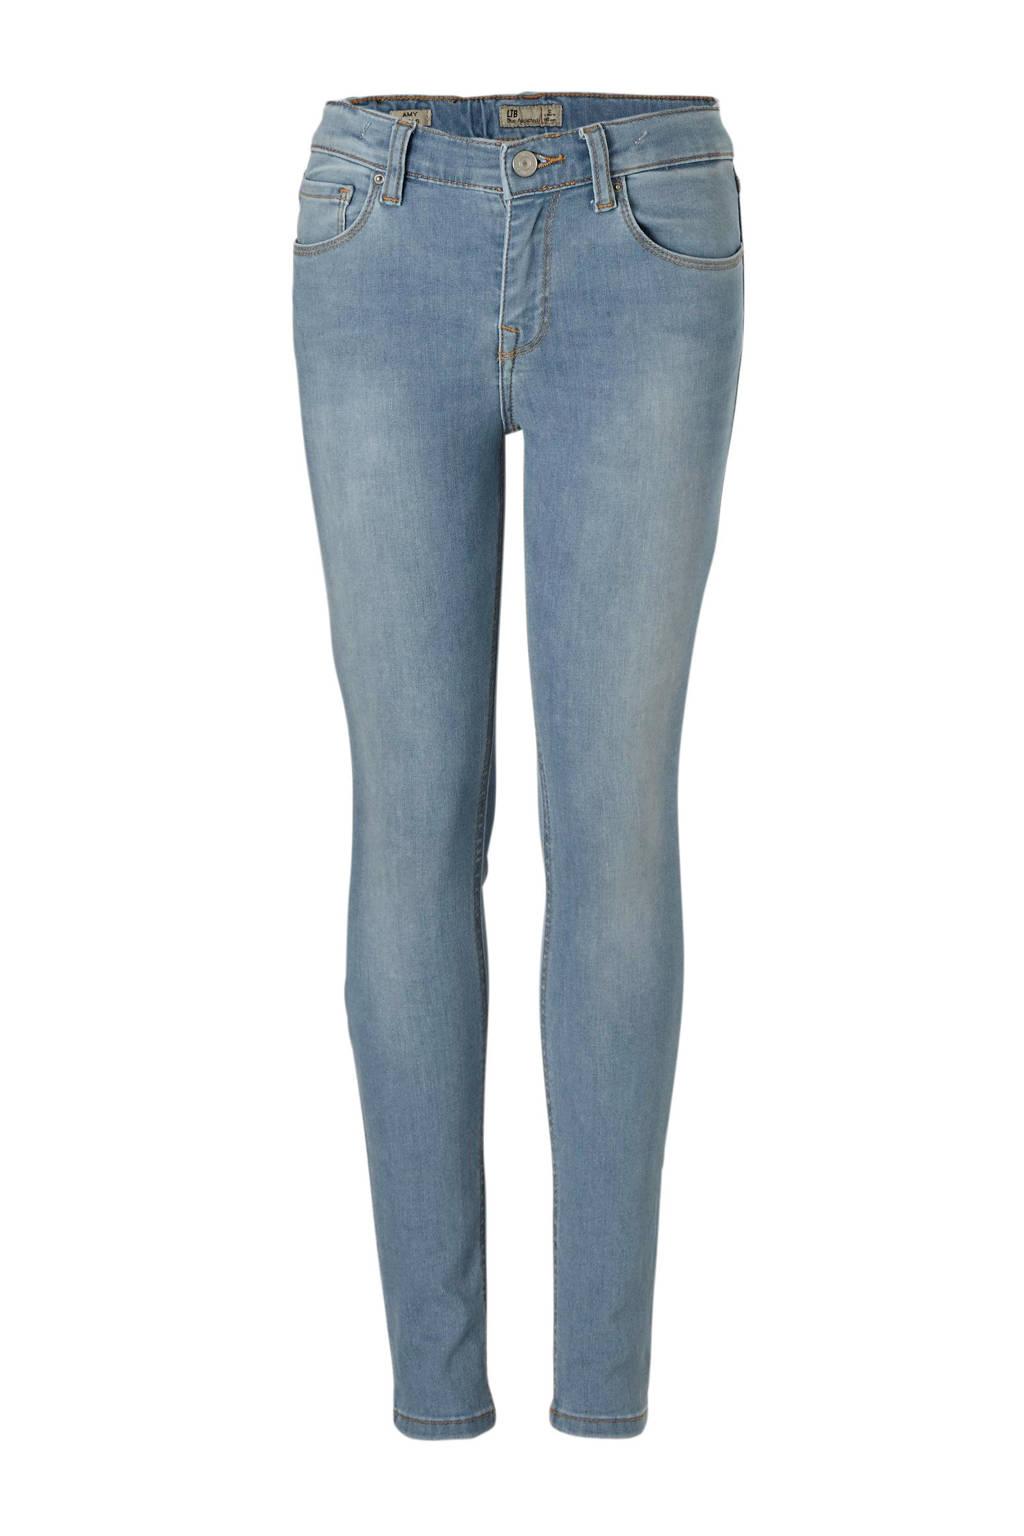 LTB skinny fit jeans Amy lichtblauw, Lichtblauw (Muira wash)